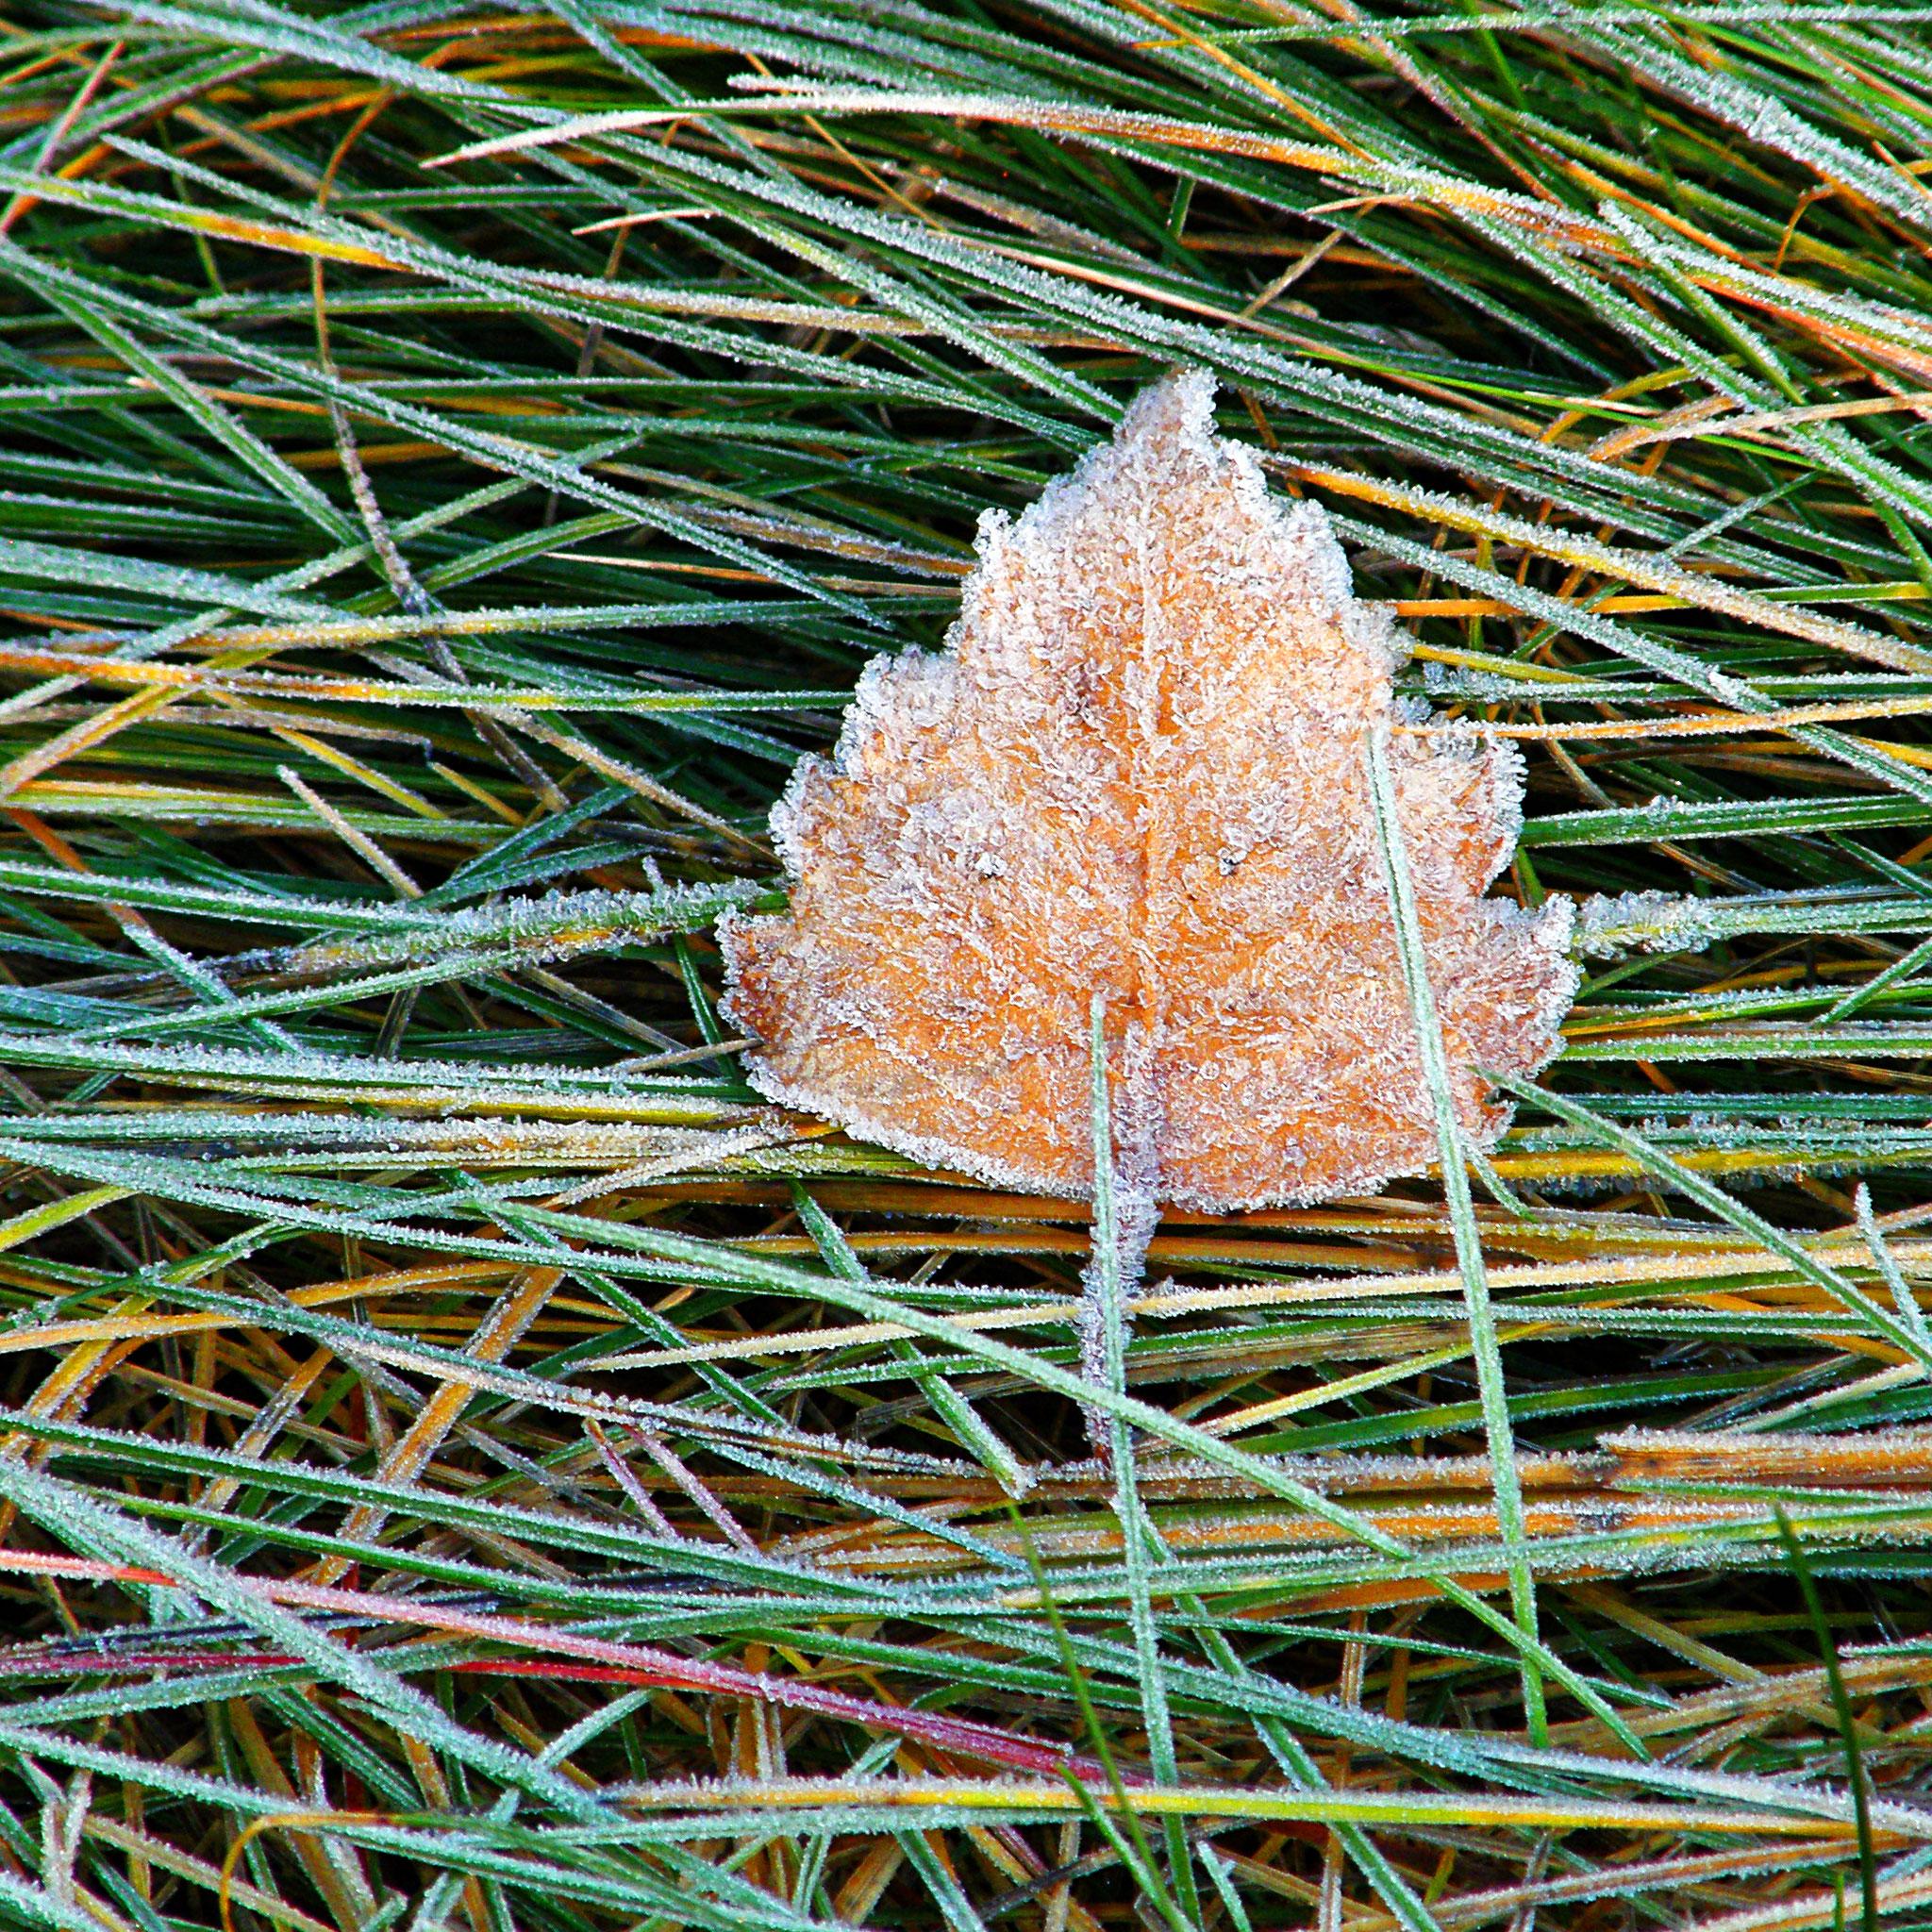 Birkenfrost